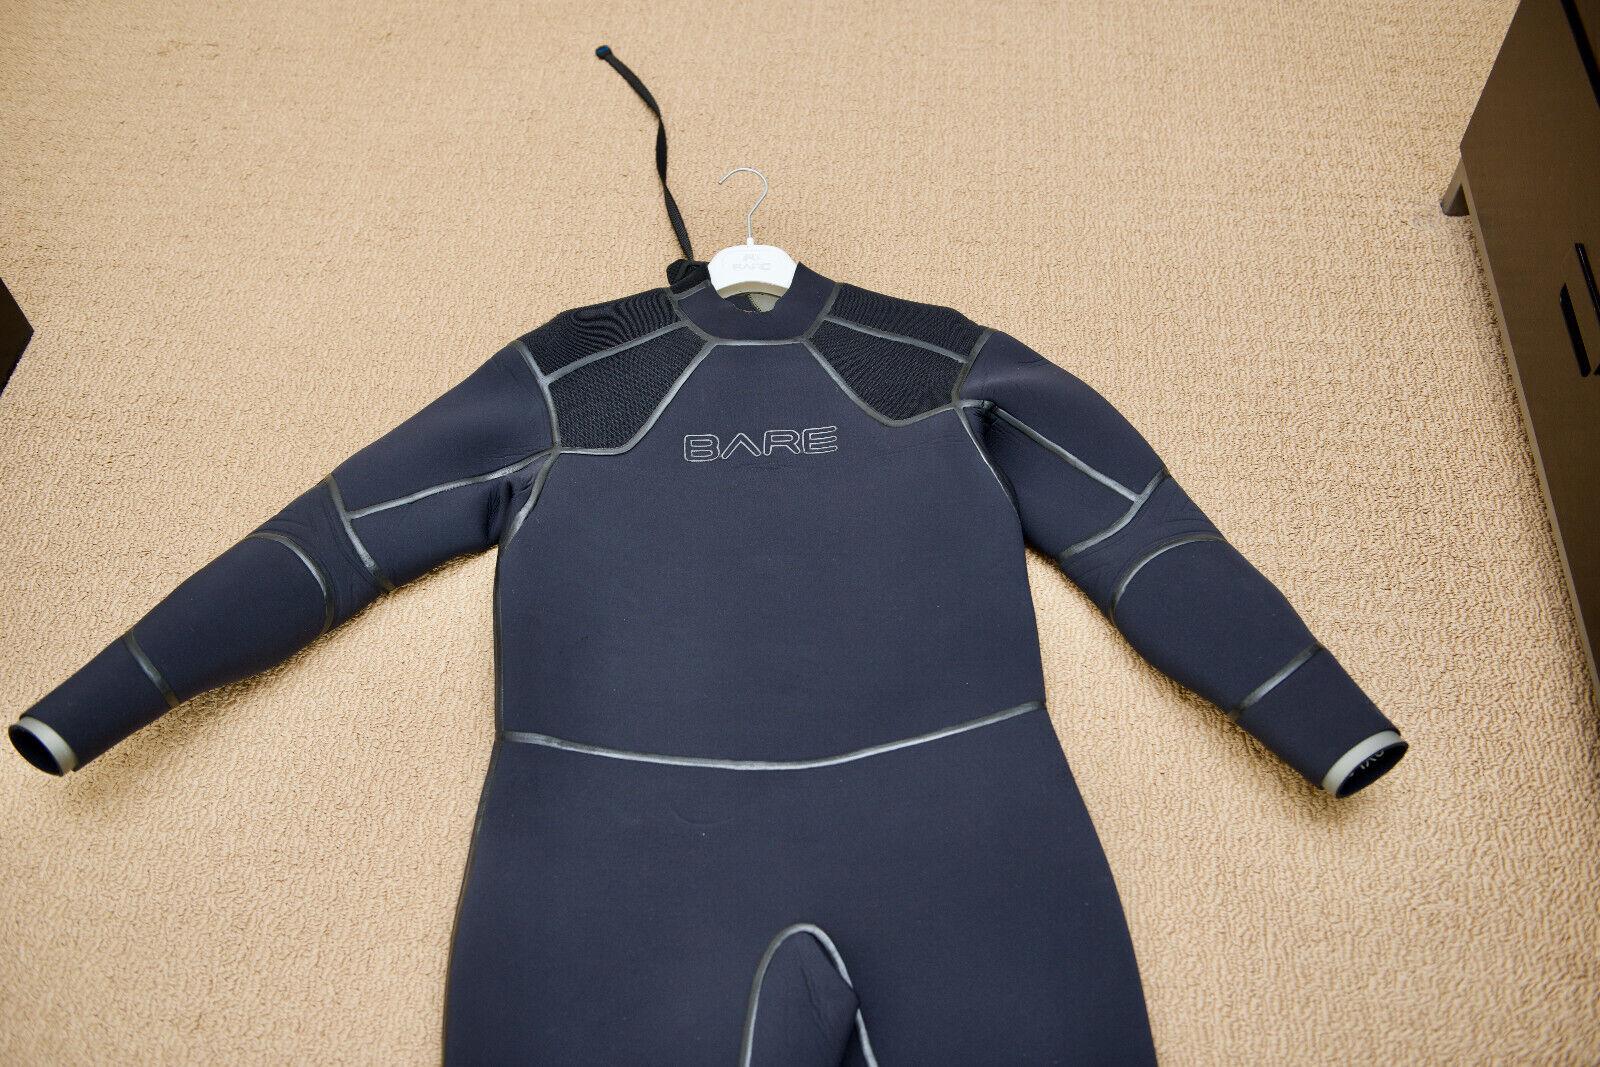 Bare 3mm Reactive Full Jumpsuit Wetsuit Mens Scuba Diving Dive Black//Red XL